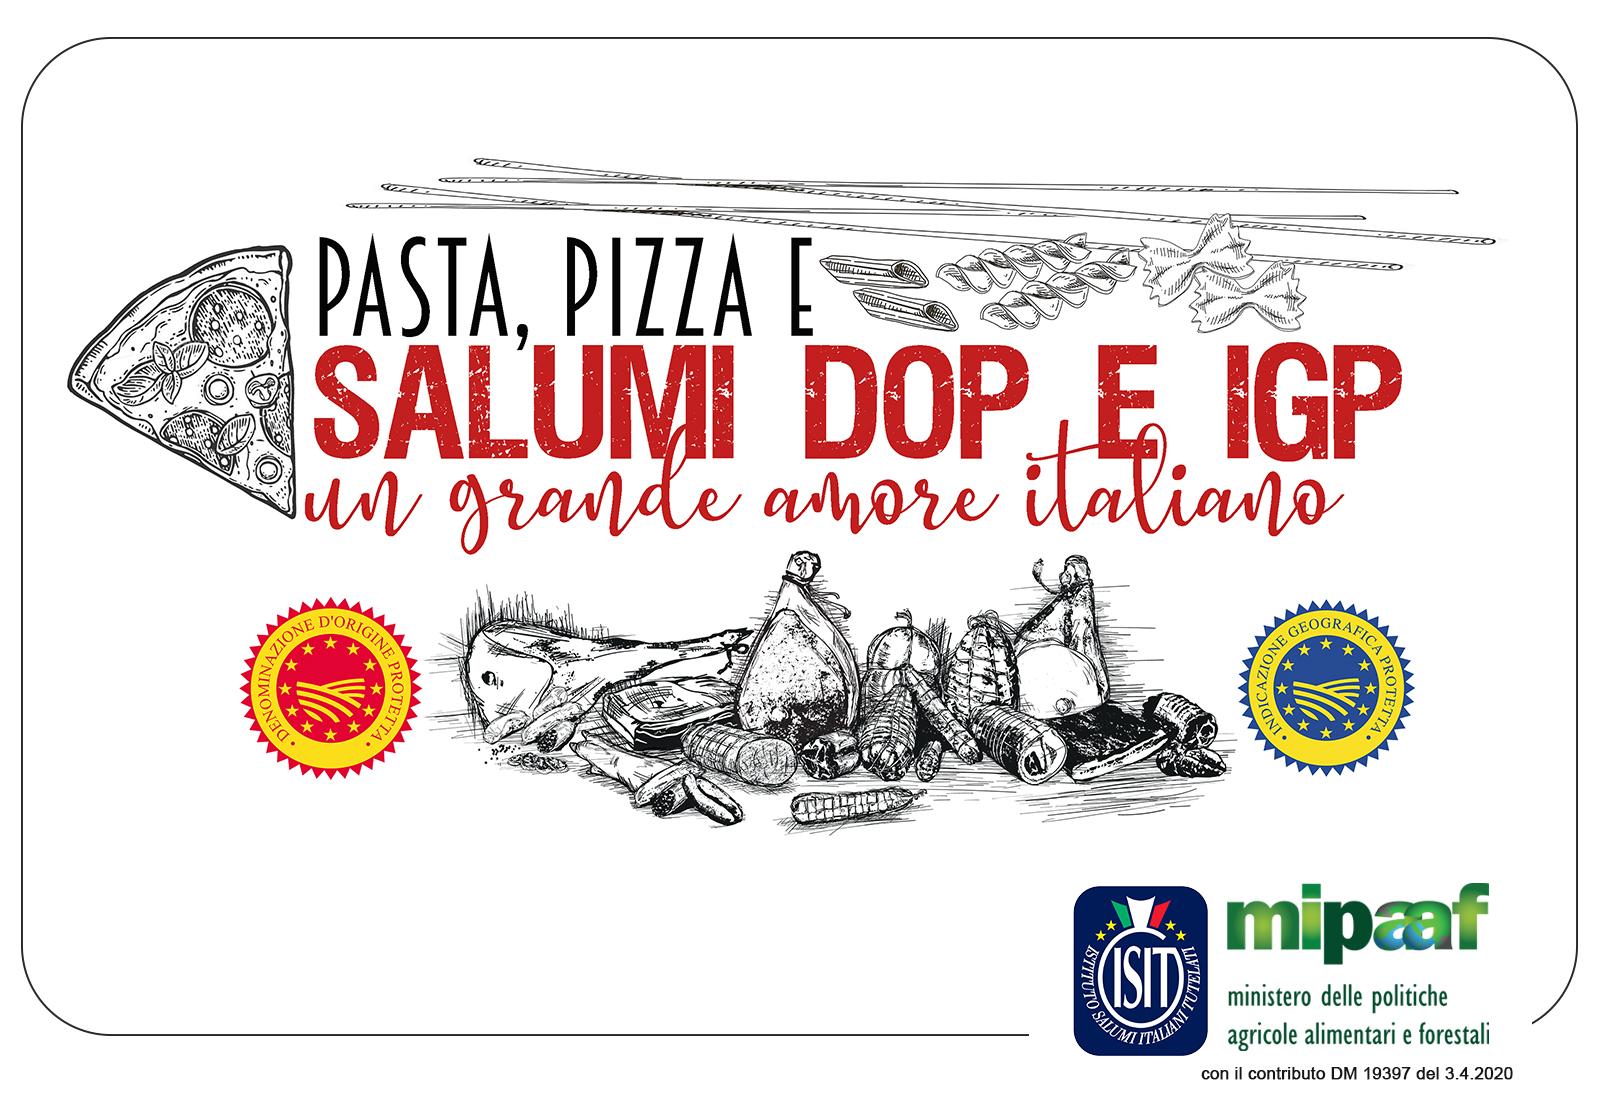 UN GRANDE AMORE ITALIANO   PASTA, PIZZA E SALUMI DOP & IGP